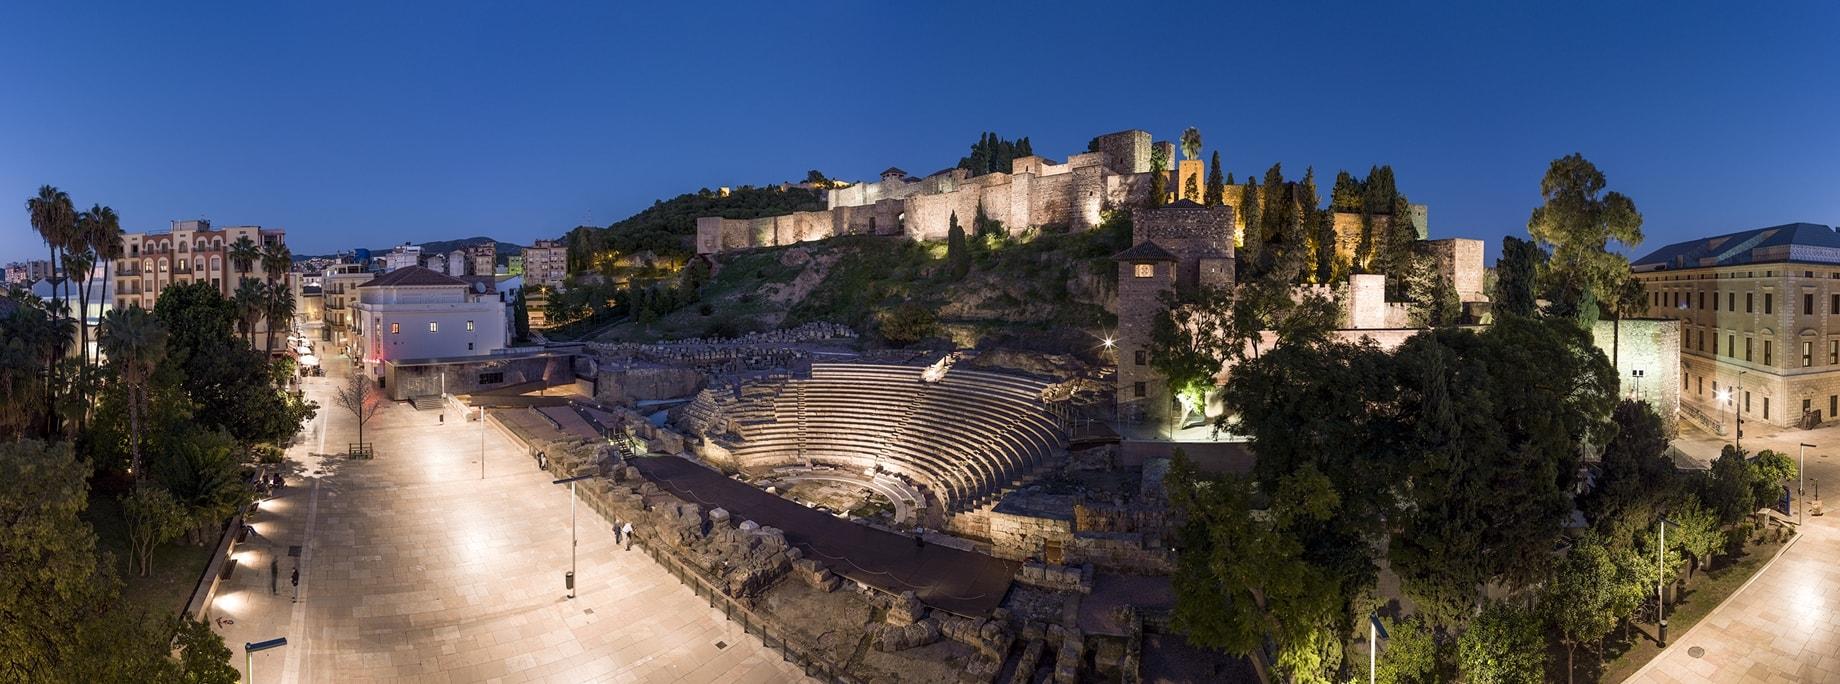 Teatro y Alcazaba